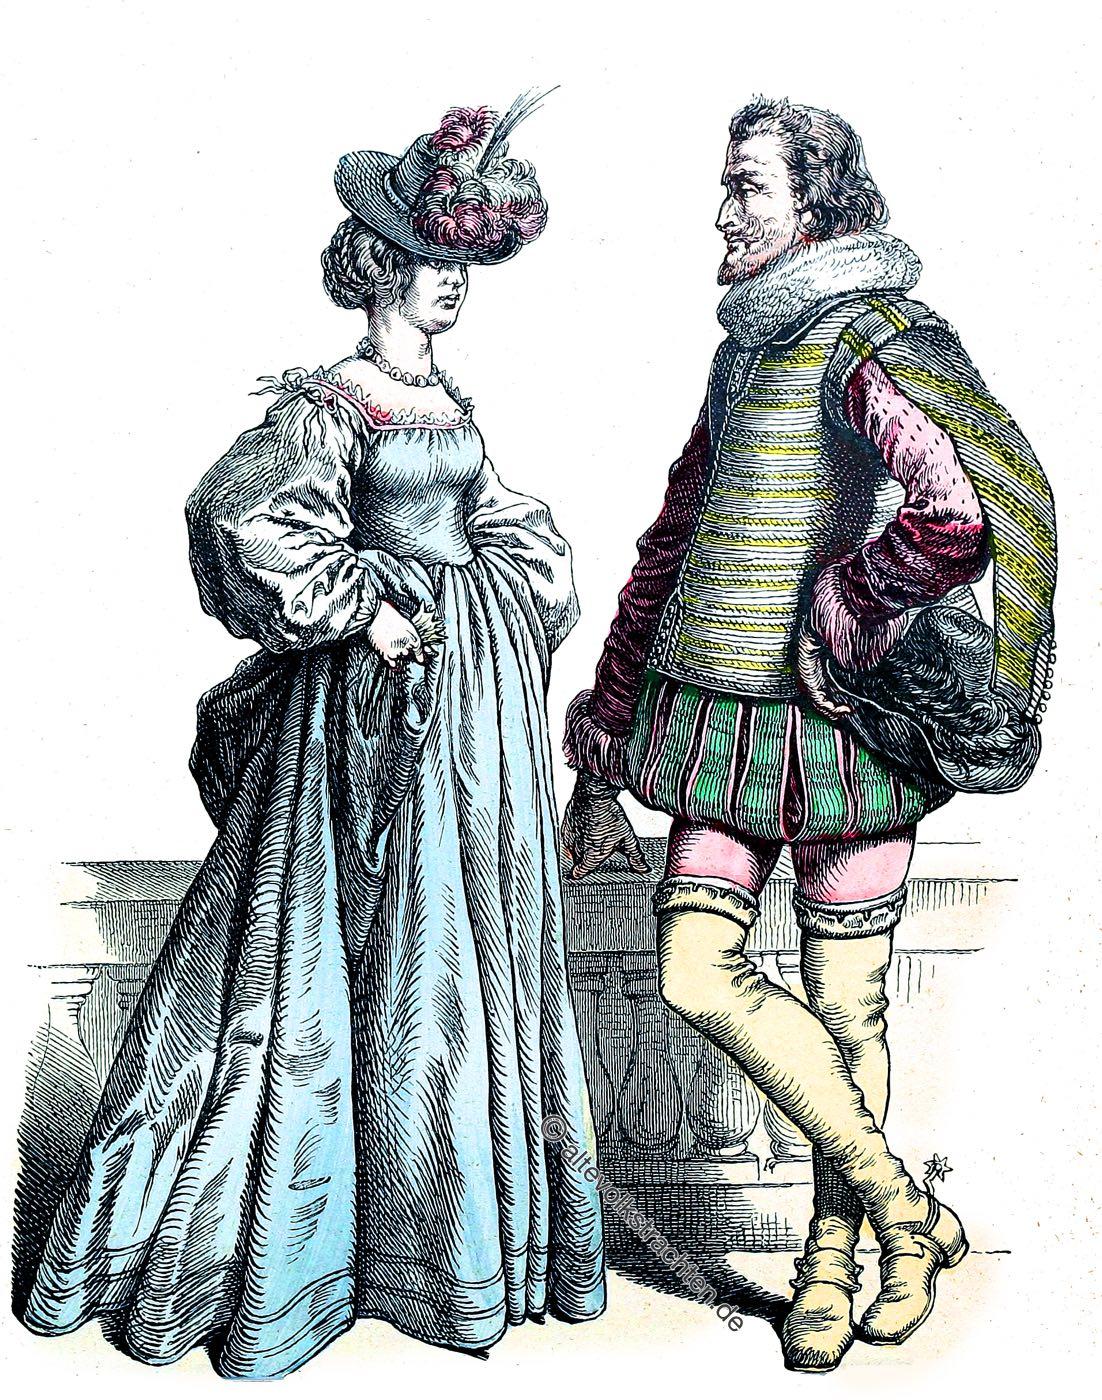 Münchener Bilderbogen, Deutsche Edelleute, Barock, Deutschland, 17. Jahrhundert, Mode, Kostüme, Kostümgeschichte